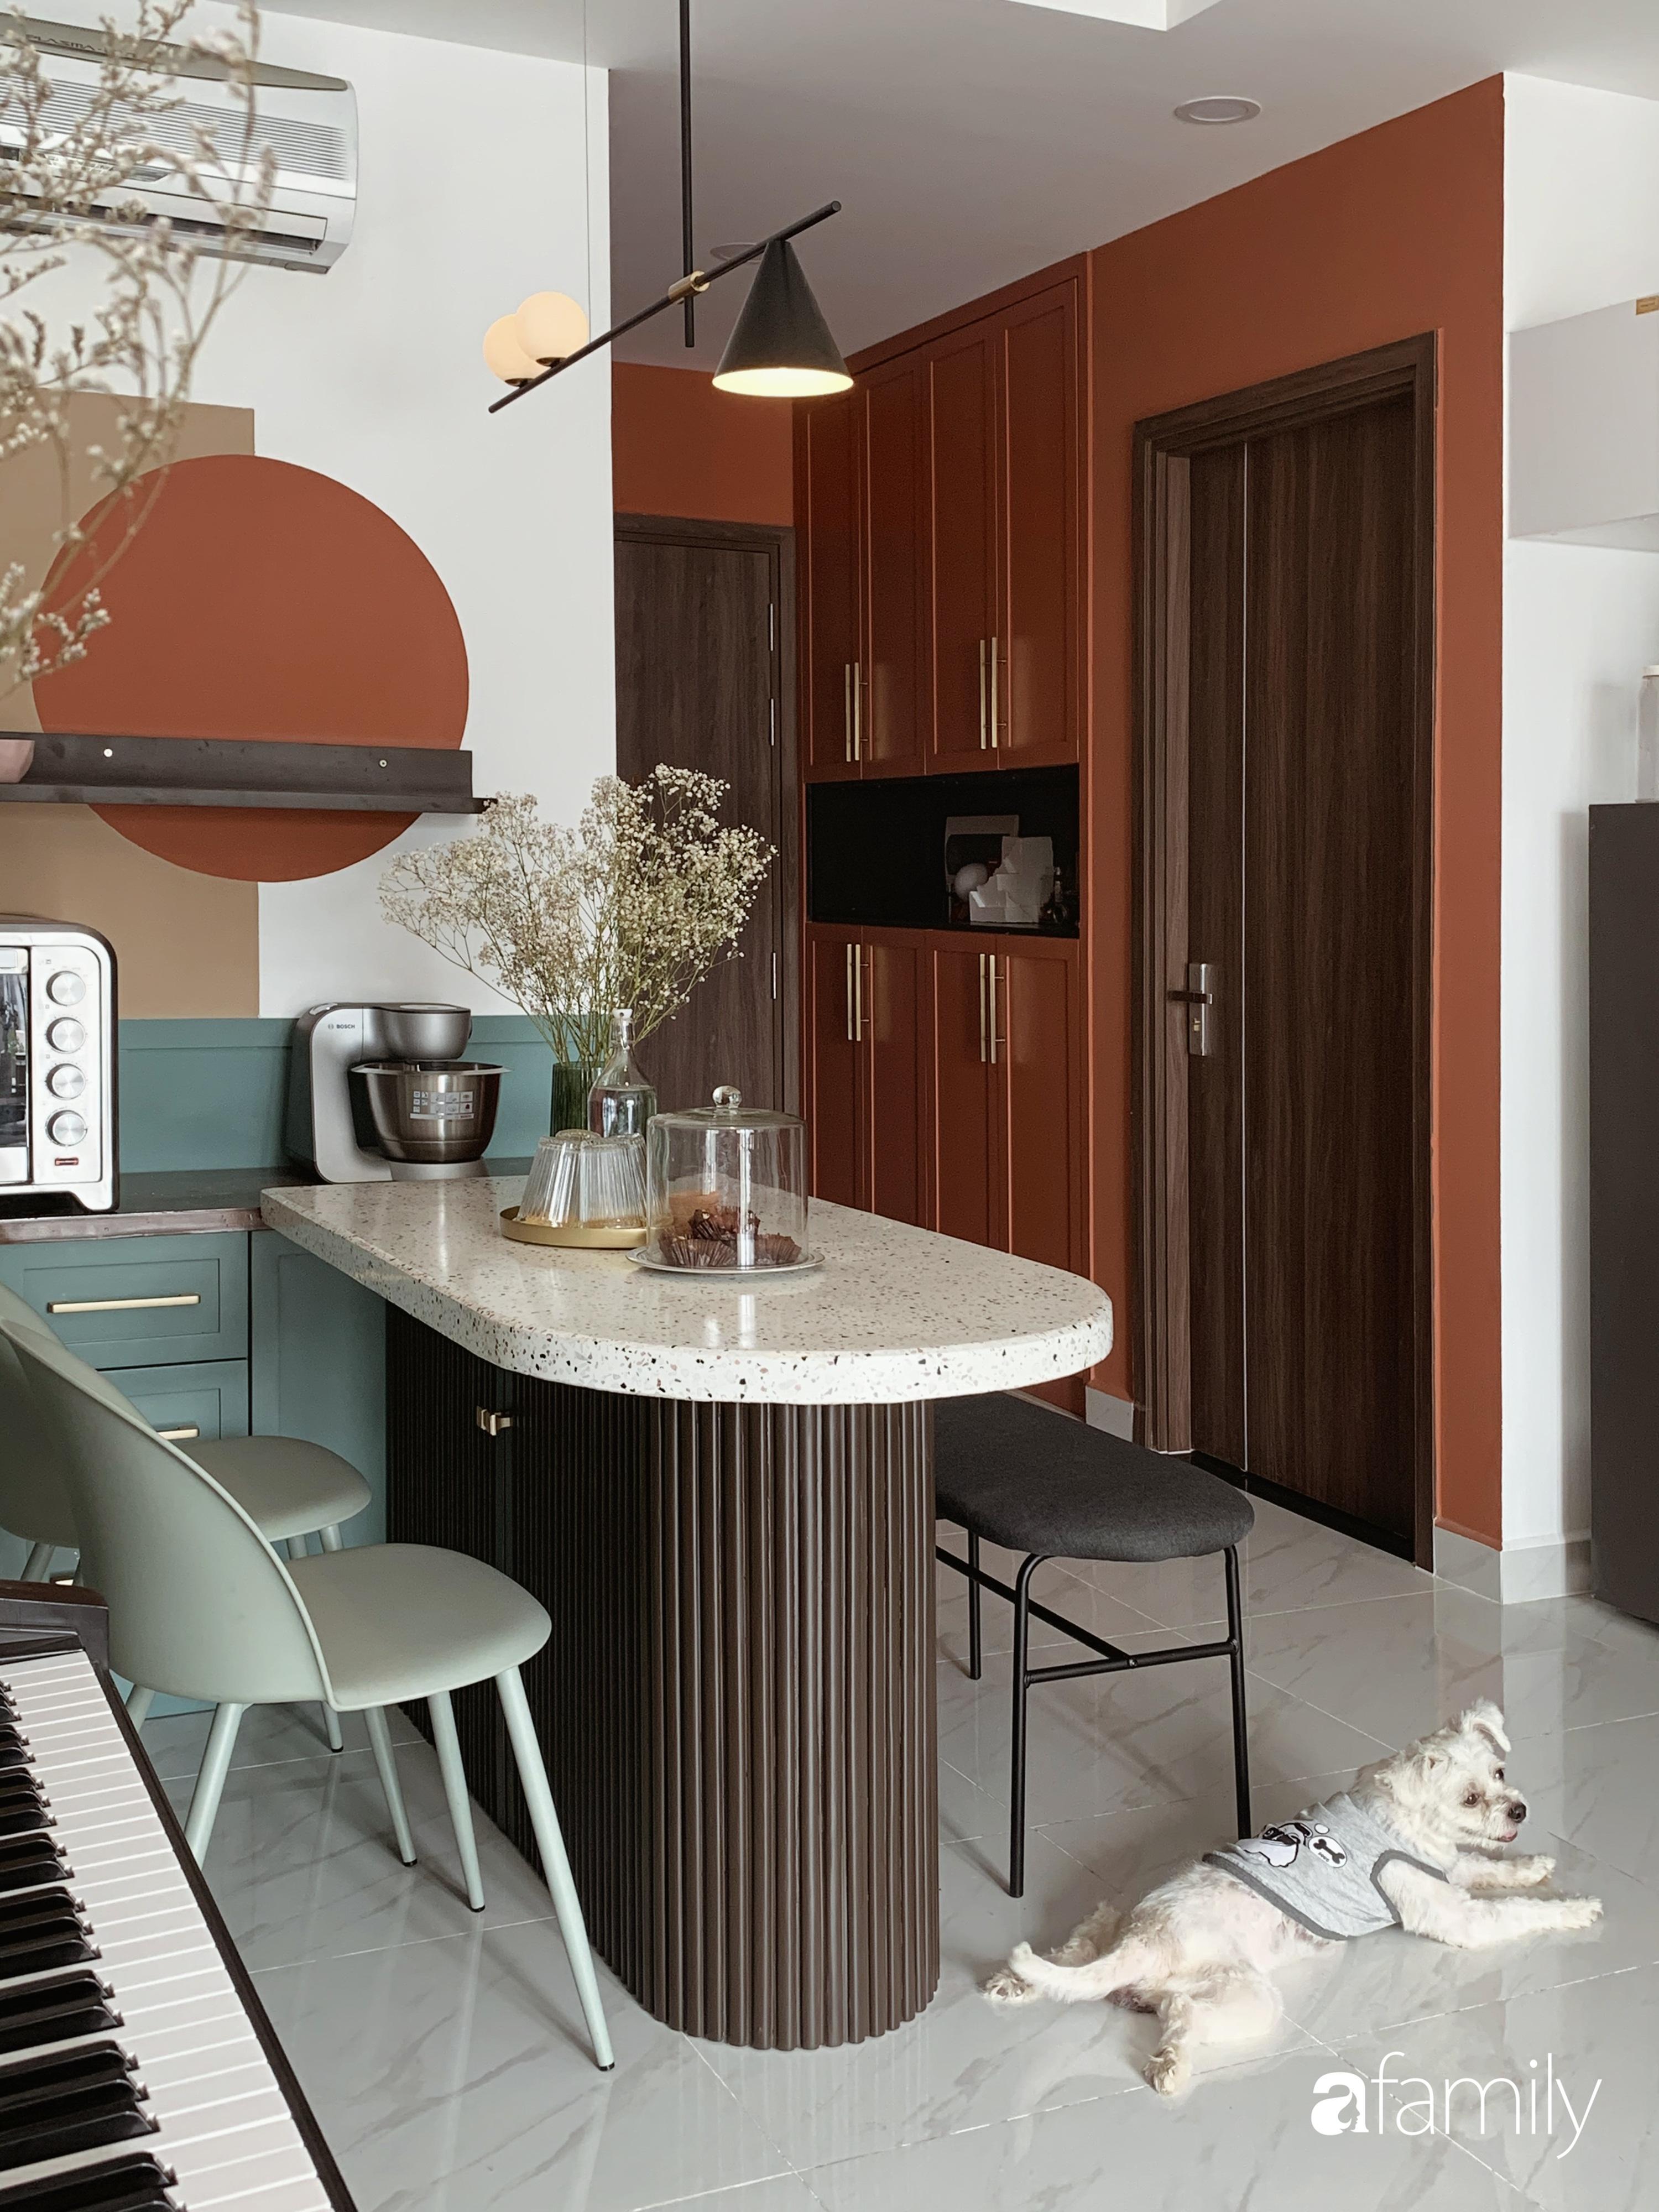 Căn hộ 66m² màu cam đất ấm cúng và trẻ trung của cặp vợ chồng trẻ tự tay thiết kế có chi phí 150 triệu đồng ở Sài Gòn - Ảnh 9.